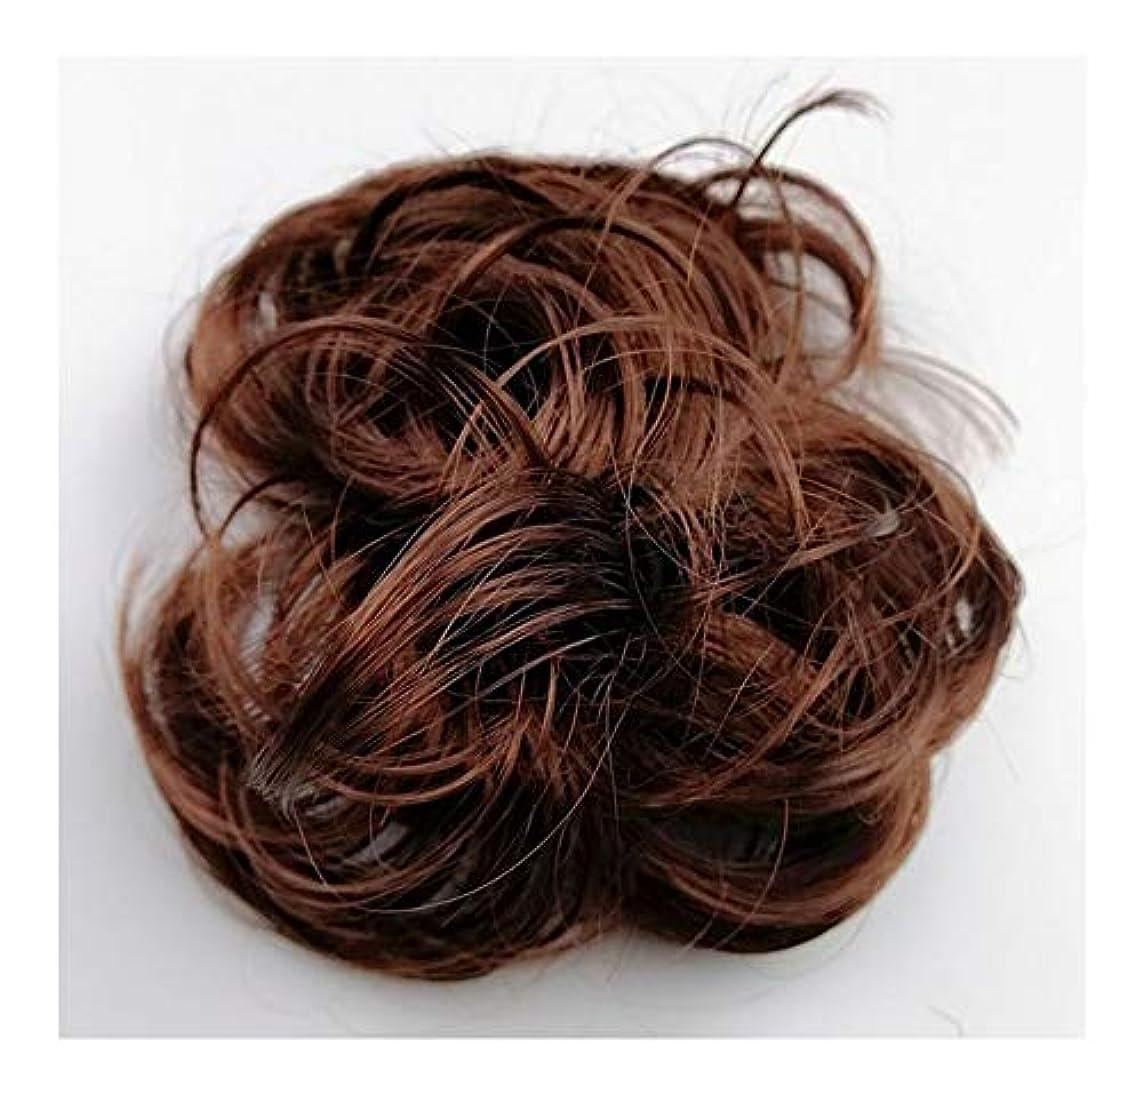 とても表示クレア乱雑な髪のお団子シュシュの拡張機能、女性用カーリー波状リボンアクセサリー、ポニーテールシニョンドーナツアップ